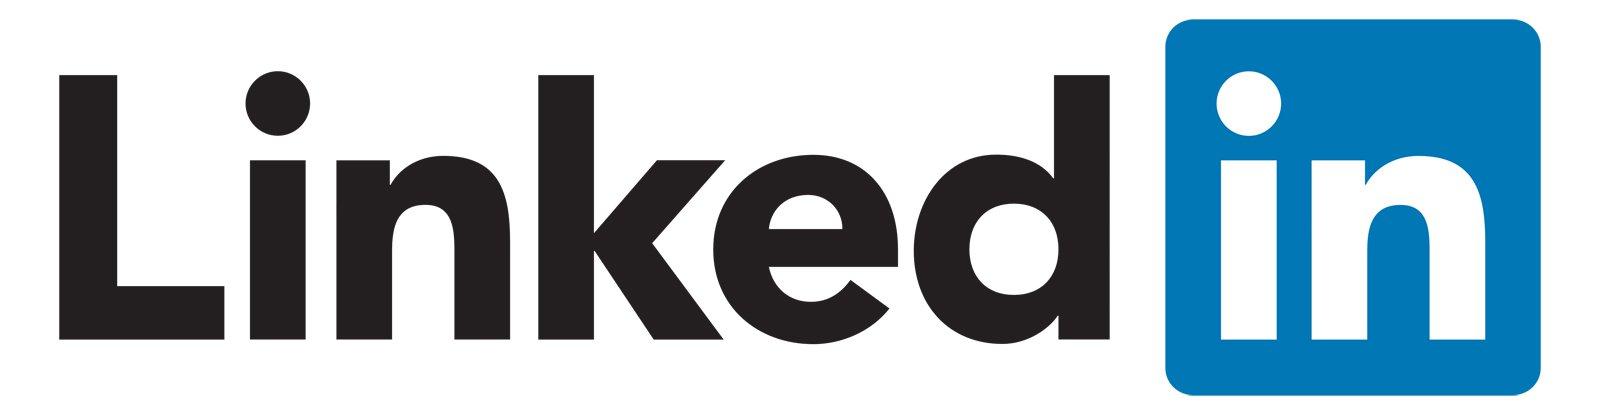 Resultado de imagem para linkedin symbol